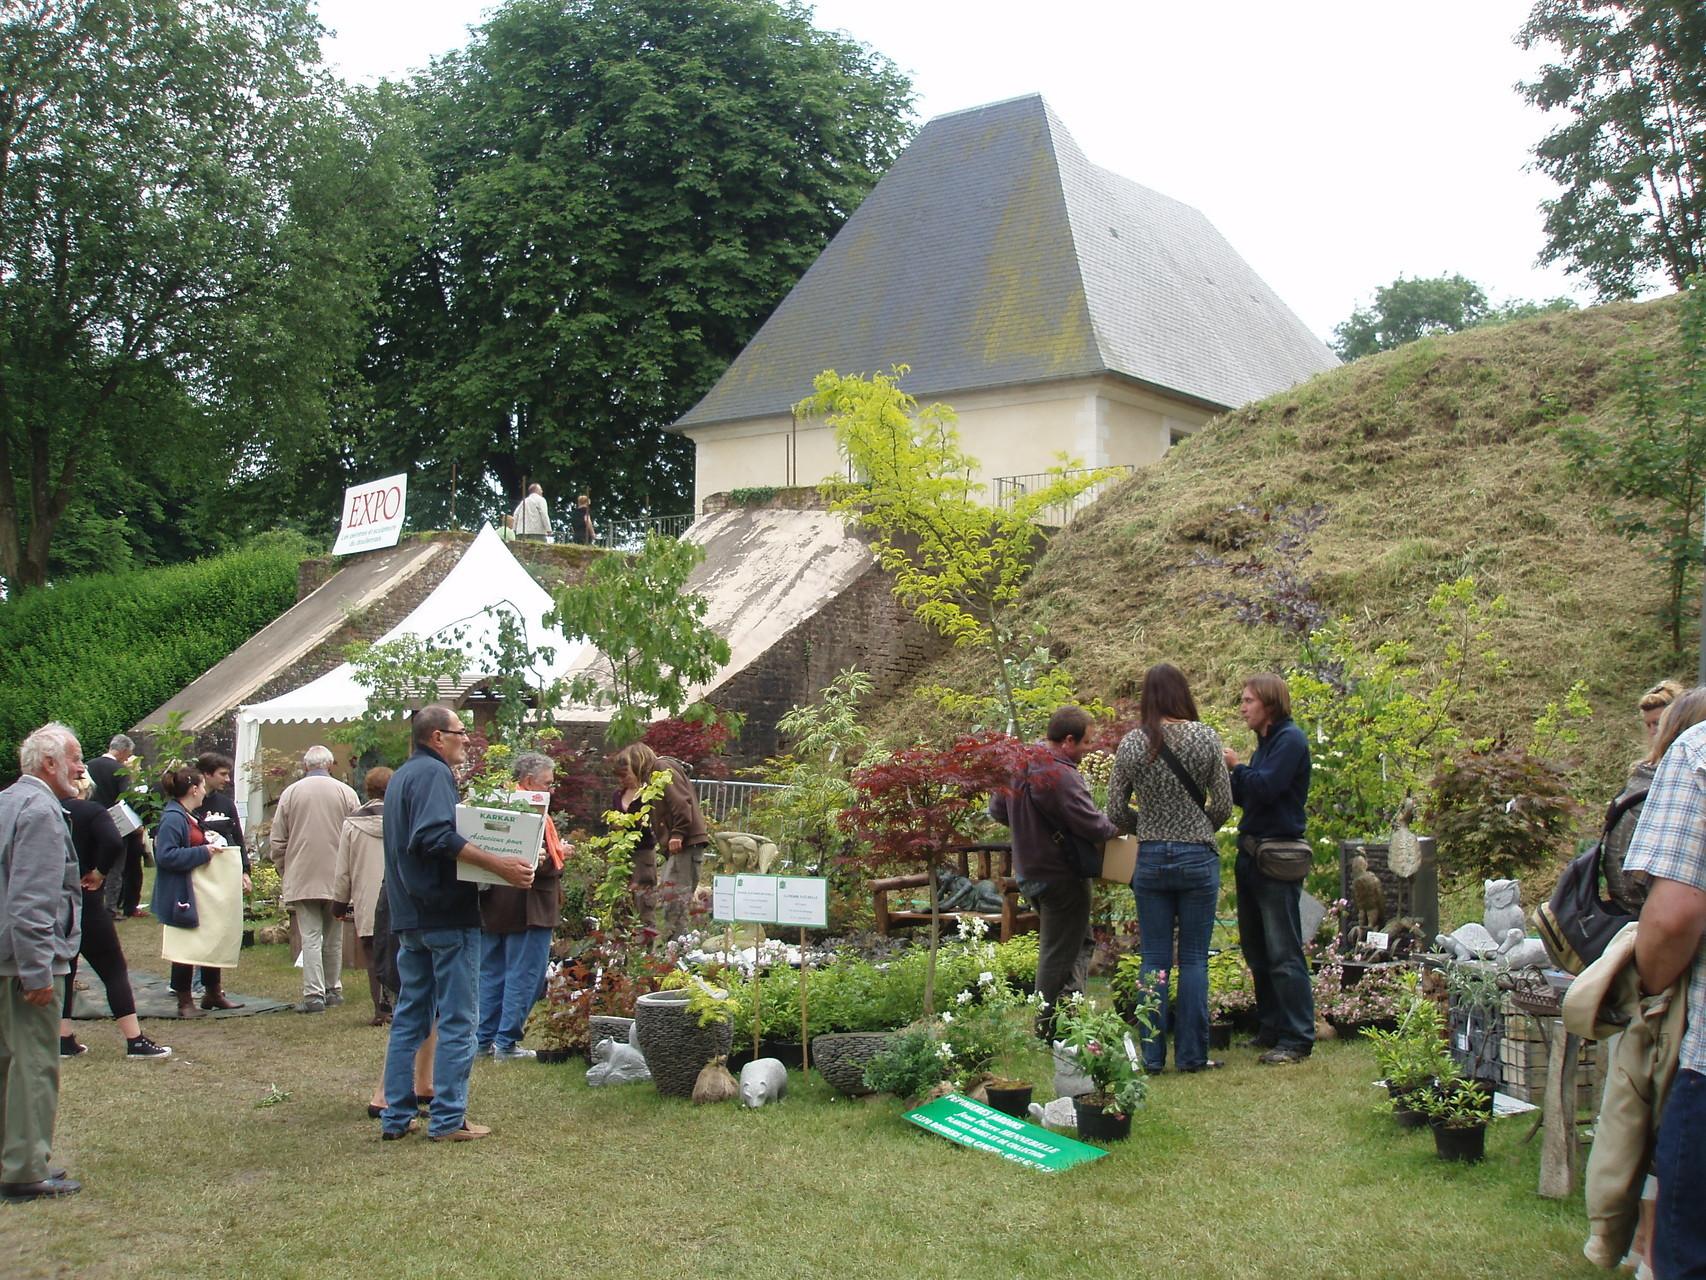 <a href='http://www.doullens-tourisme.com/visiter/jardins/'> Prennez du bon temps dans nos parcs et jardins</a>